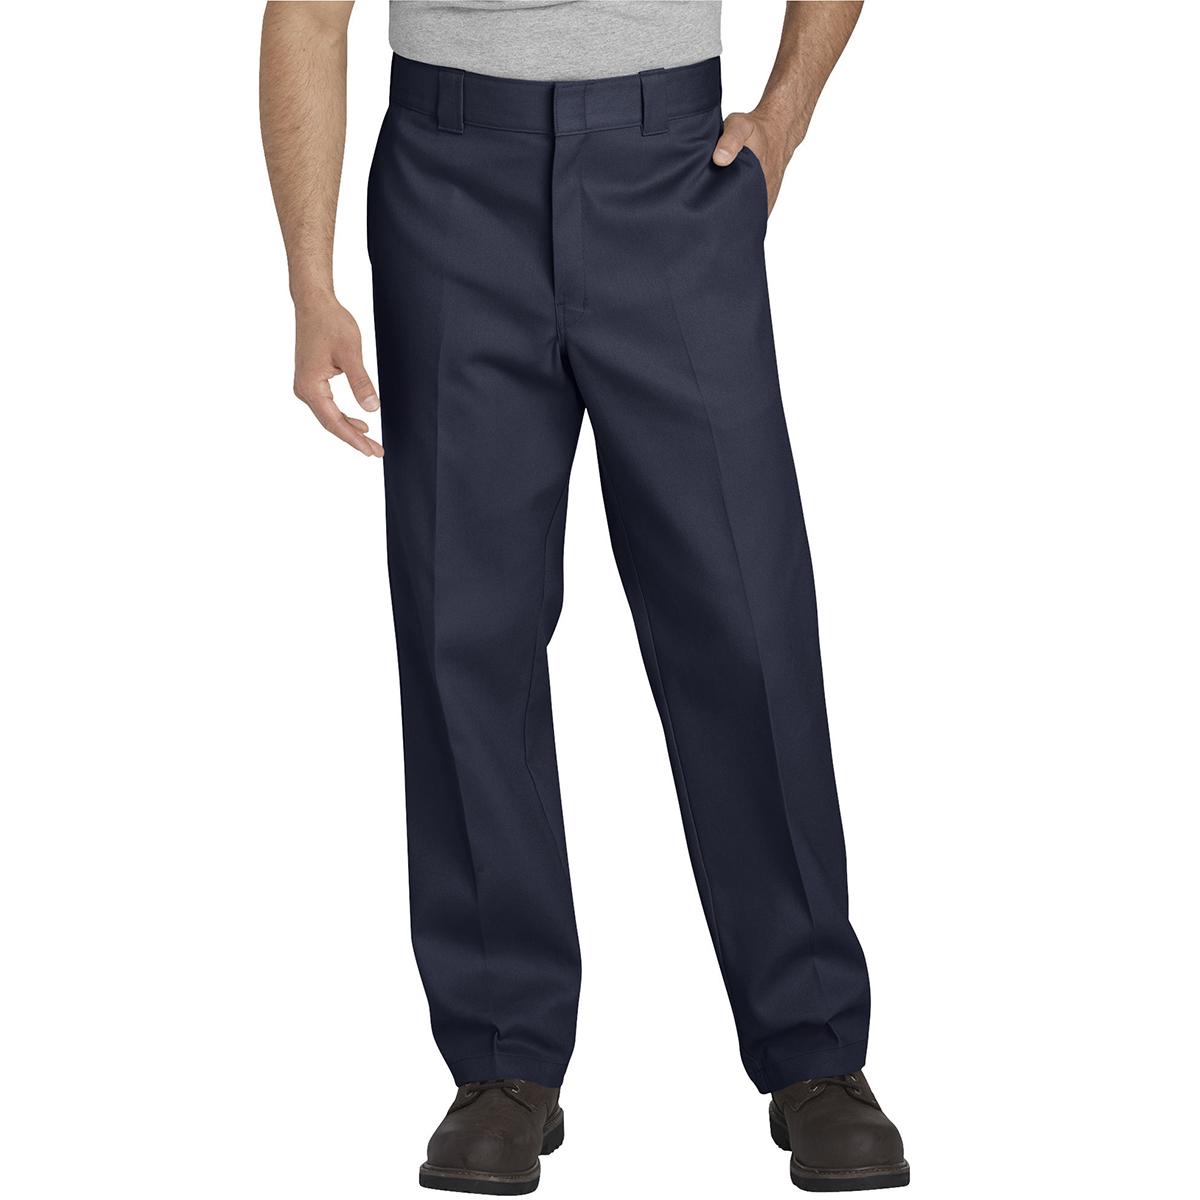 Dickies Men's 874 Flex Work Pants - Blue, 42/30